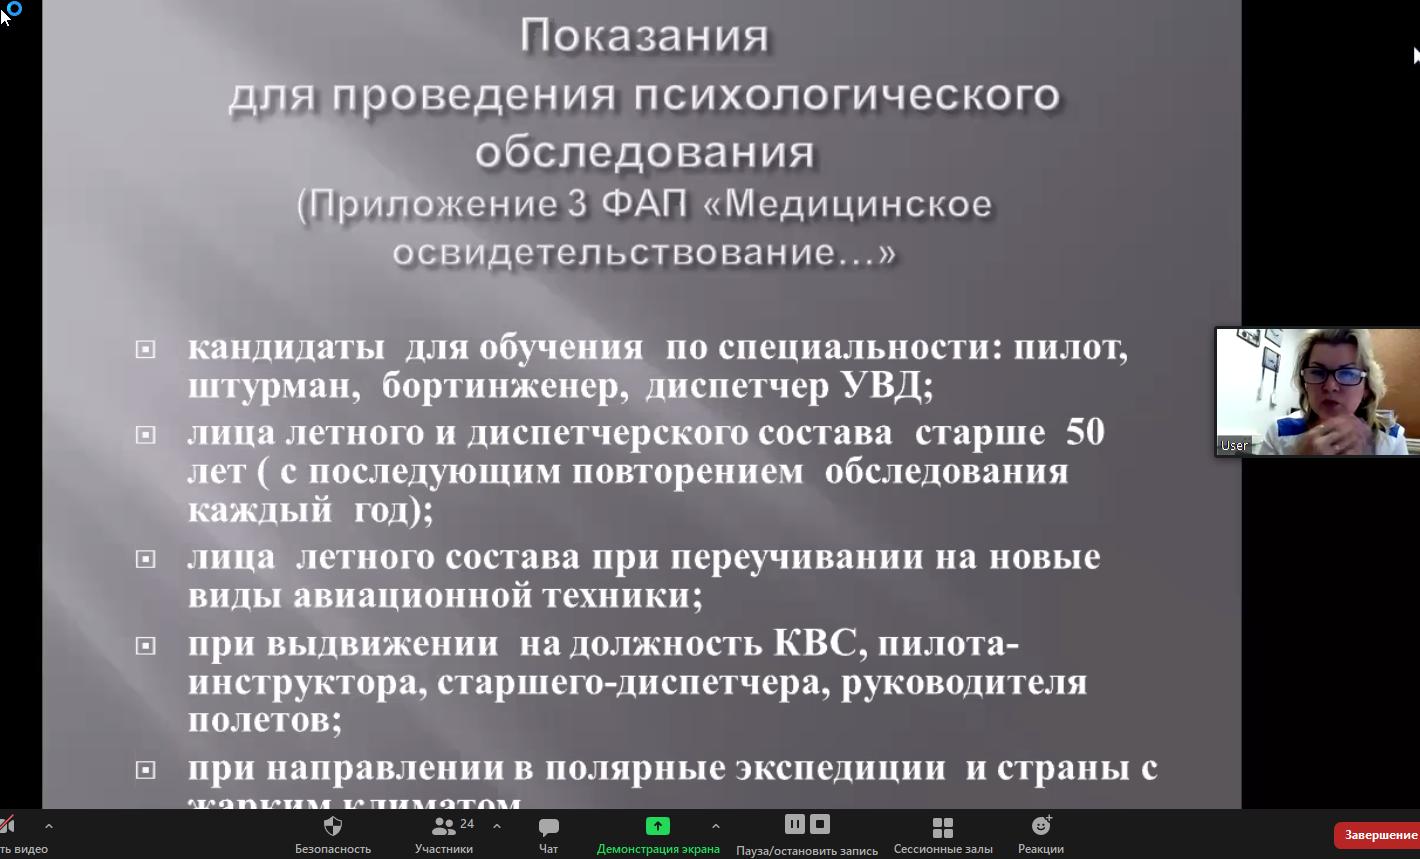 """Профориентационное занятие на факультете """"Экстремальная психология"""" МГППУ"""